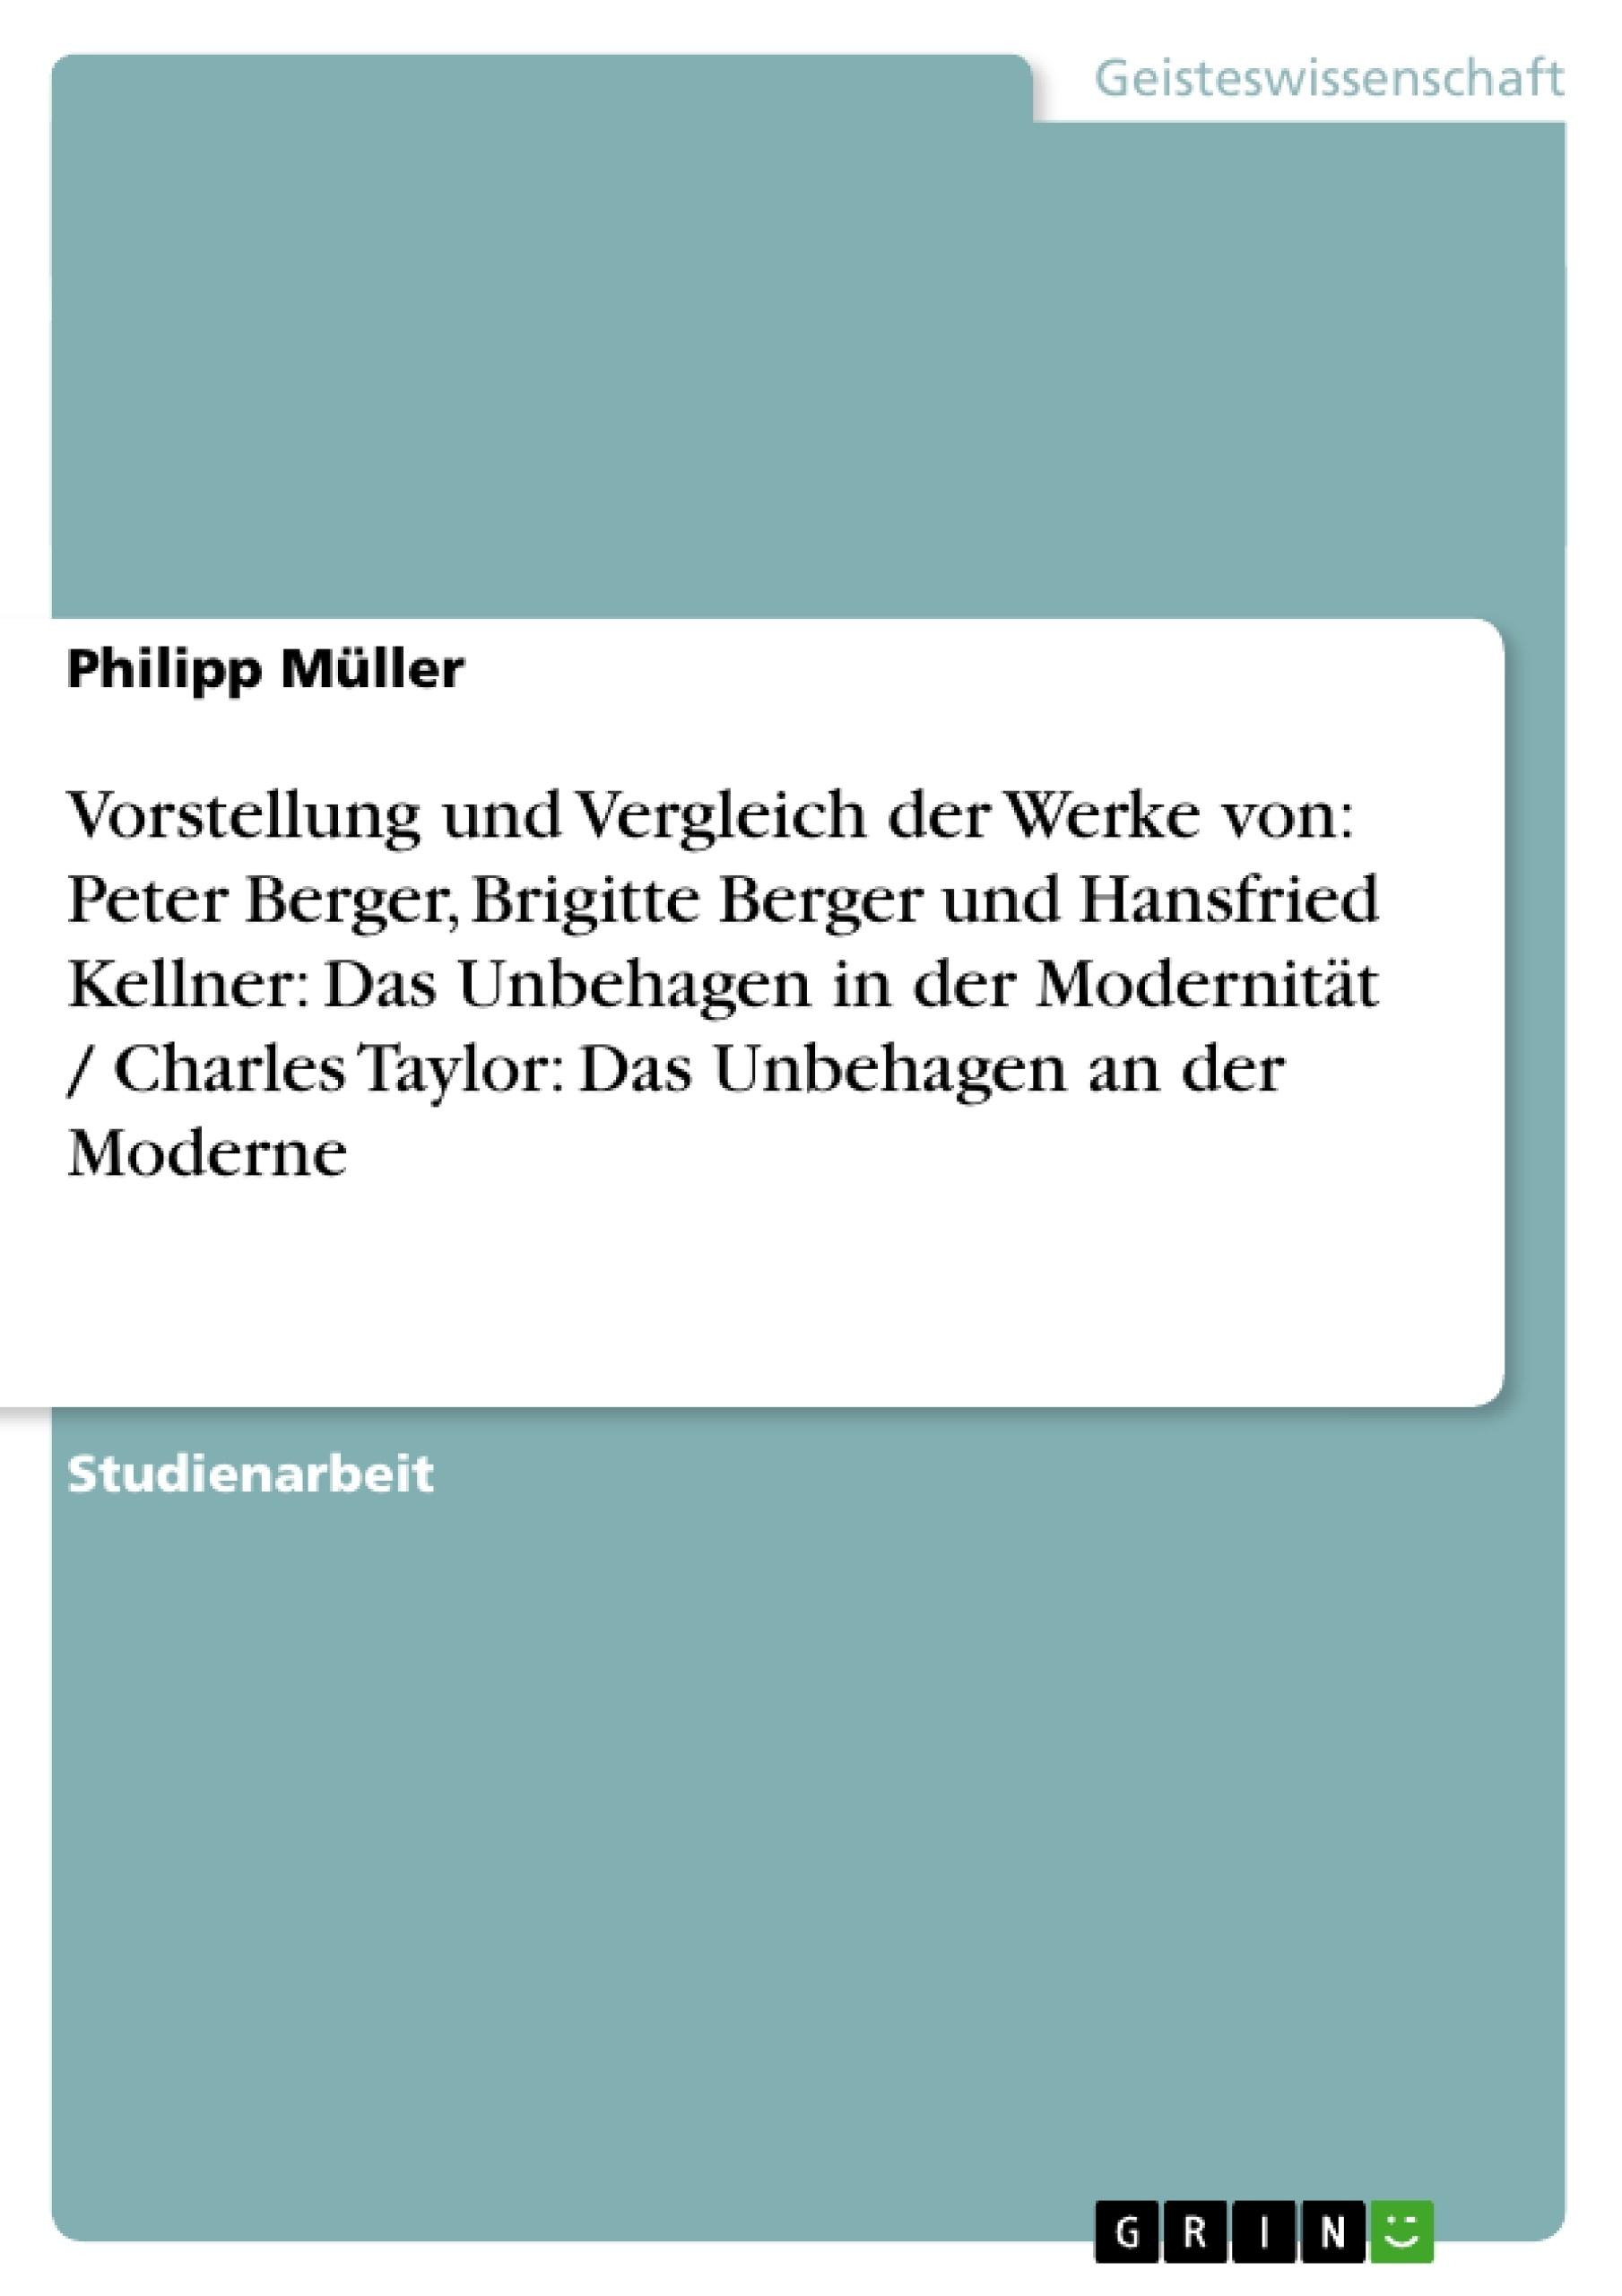 Titel: Vorstellung und Vergleich der Werke von: Peter Berger, Brigitte Berger und Hansfried Kellner: Das Unbehagen in der Modernität / Charles Taylor: Das Unbehagen an der Moderne